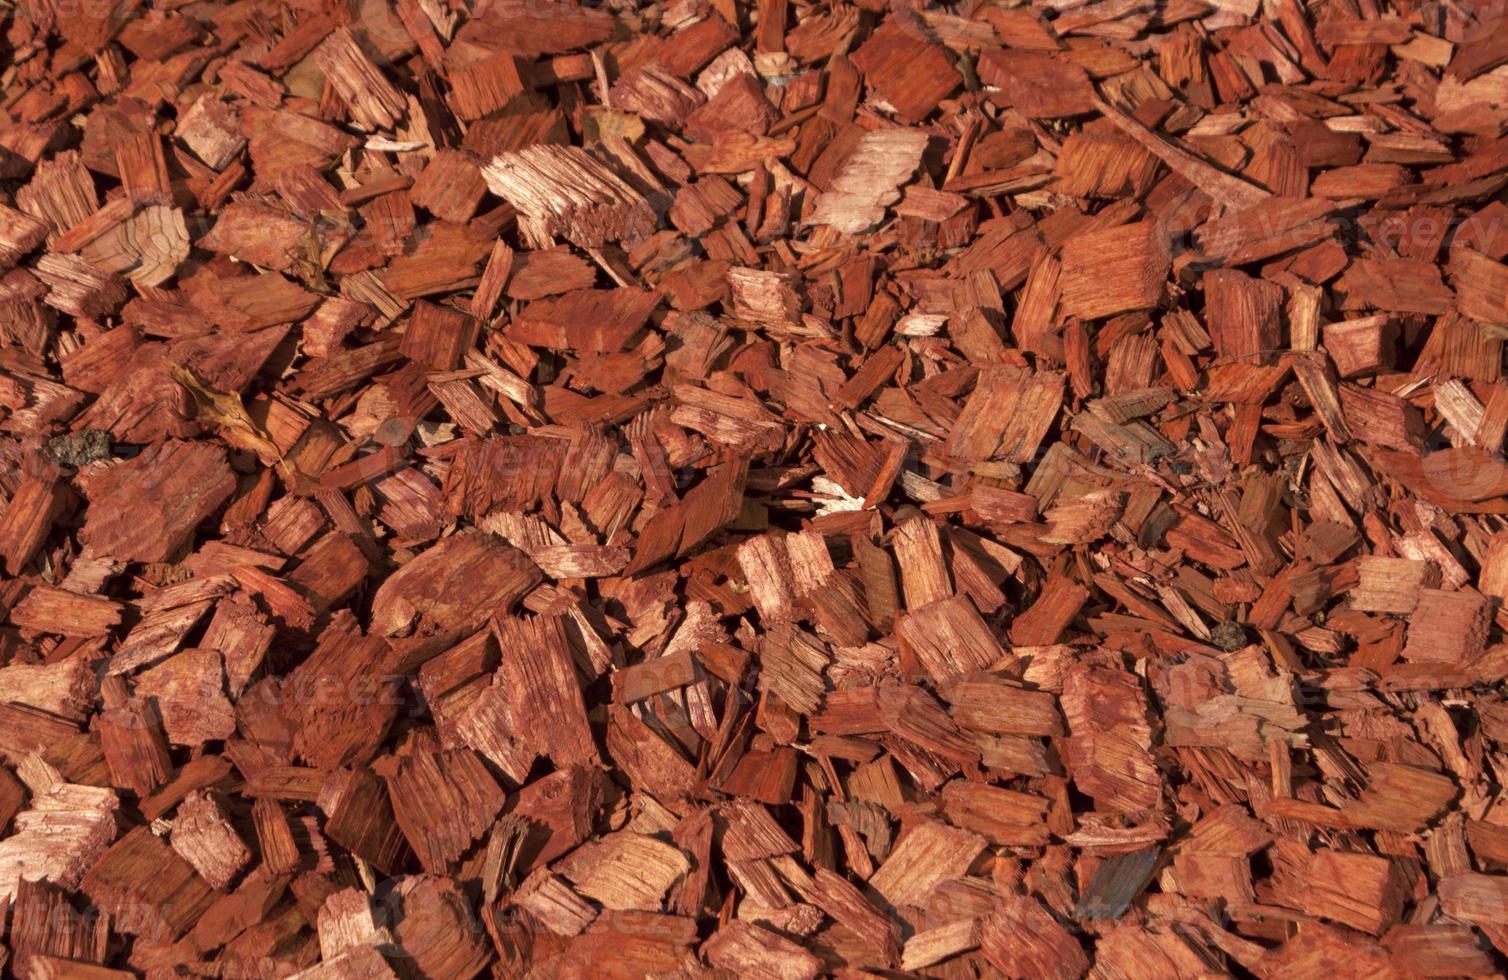 texture de copeaux de bois rouge et orange. photo